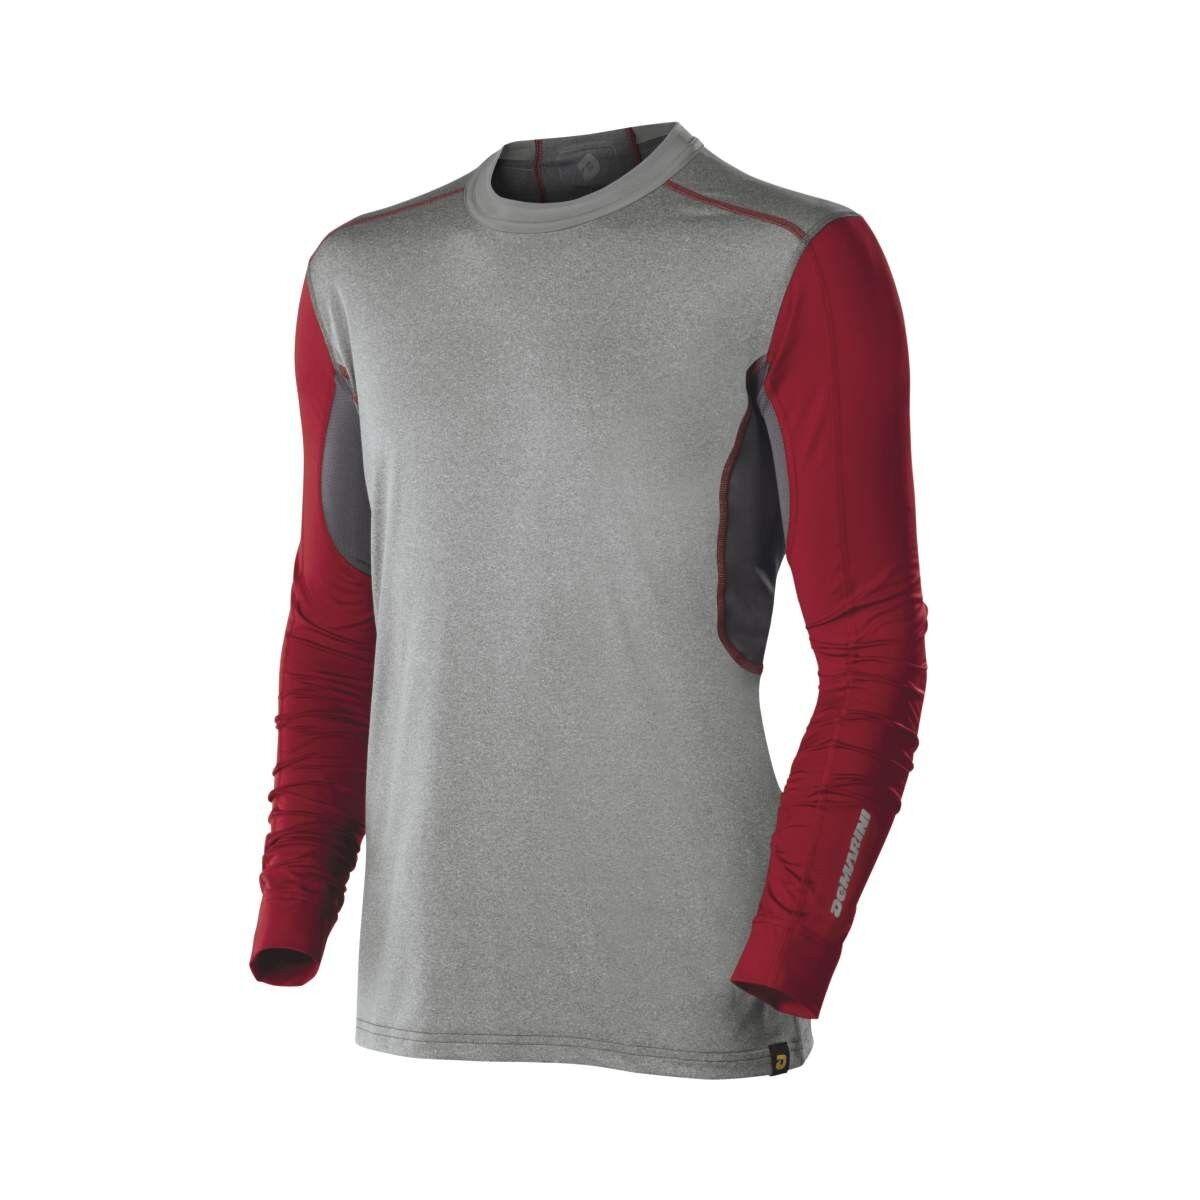 Demarini Comotion Juego Day  Para Hombre Manga Larga Camisetas gris Rojo Grande WTD100229LG  centro comercial de moda